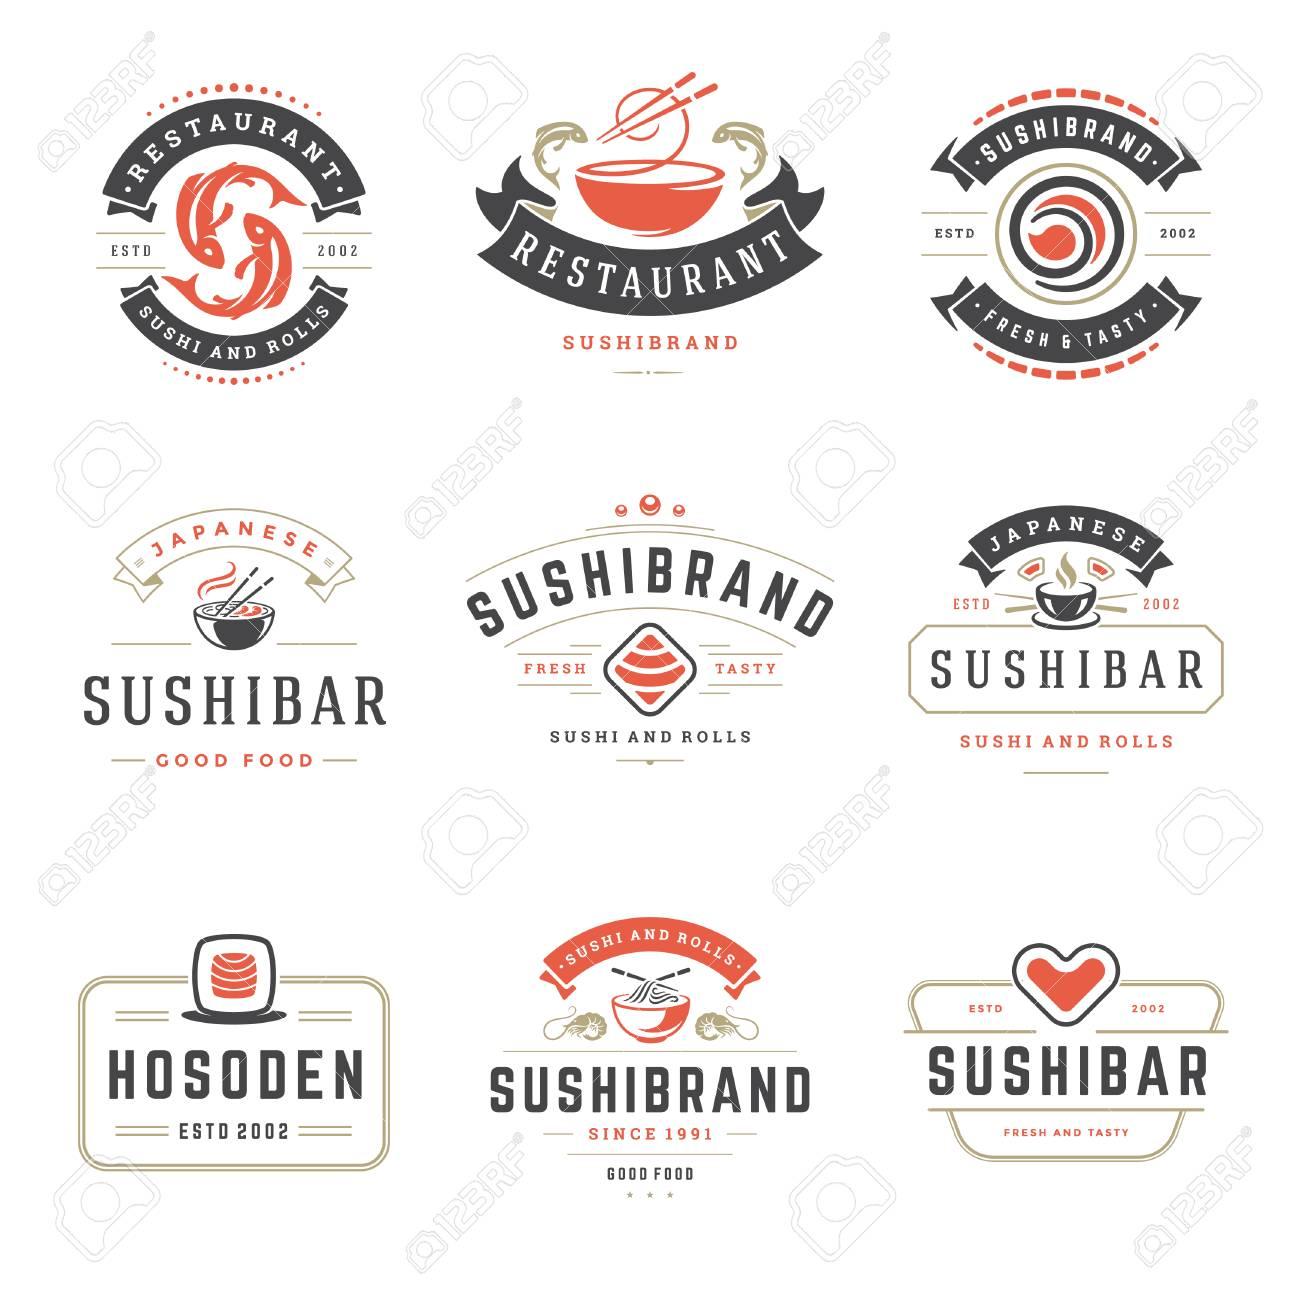 Los Logotipos Del Restaurante De Sushi Establecen Ilustracion Vectorial Comida Japonesa Sushi Y Rollos Siluetas Diseno De Insignias De Tipografia Vintage Ilustraciones Vectoriales Clip Art Vectorizado Libre De Derechos Image 98029797